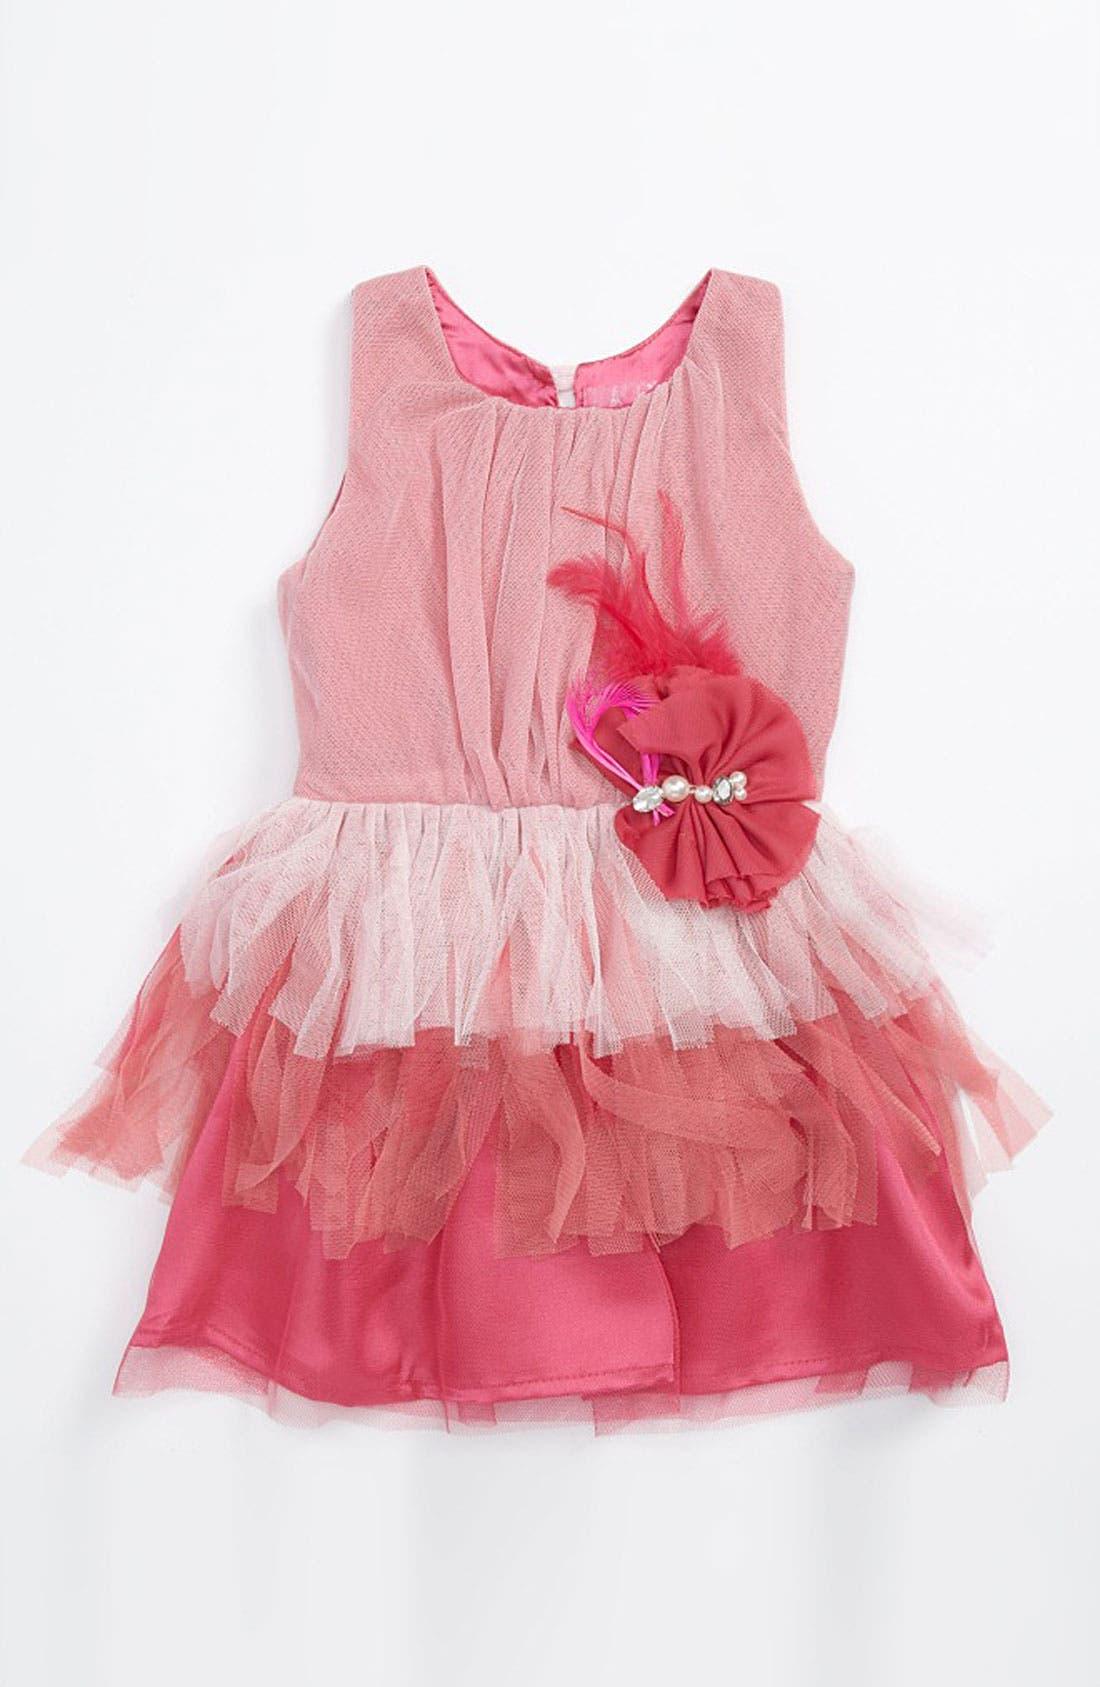 Alternate Image 1 Selected - Le Pink 'Valentina' Dress (Toddler)